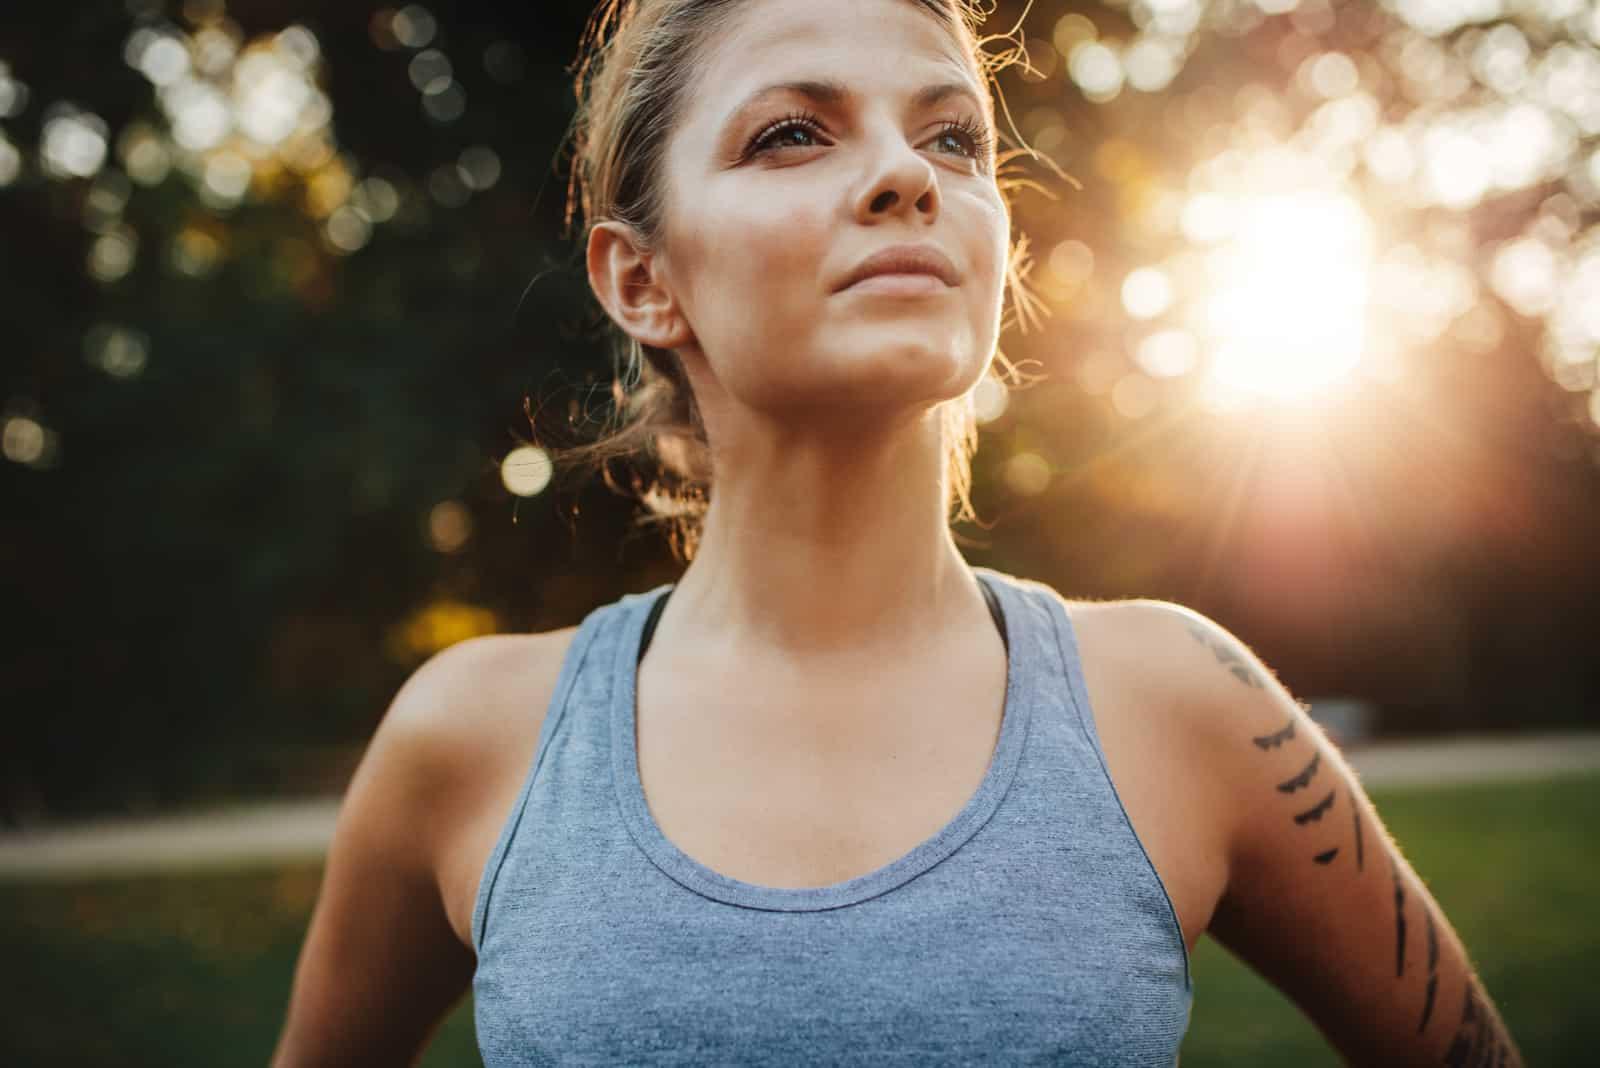 Fit junge Frau in Sportkleidung im Freien stehen